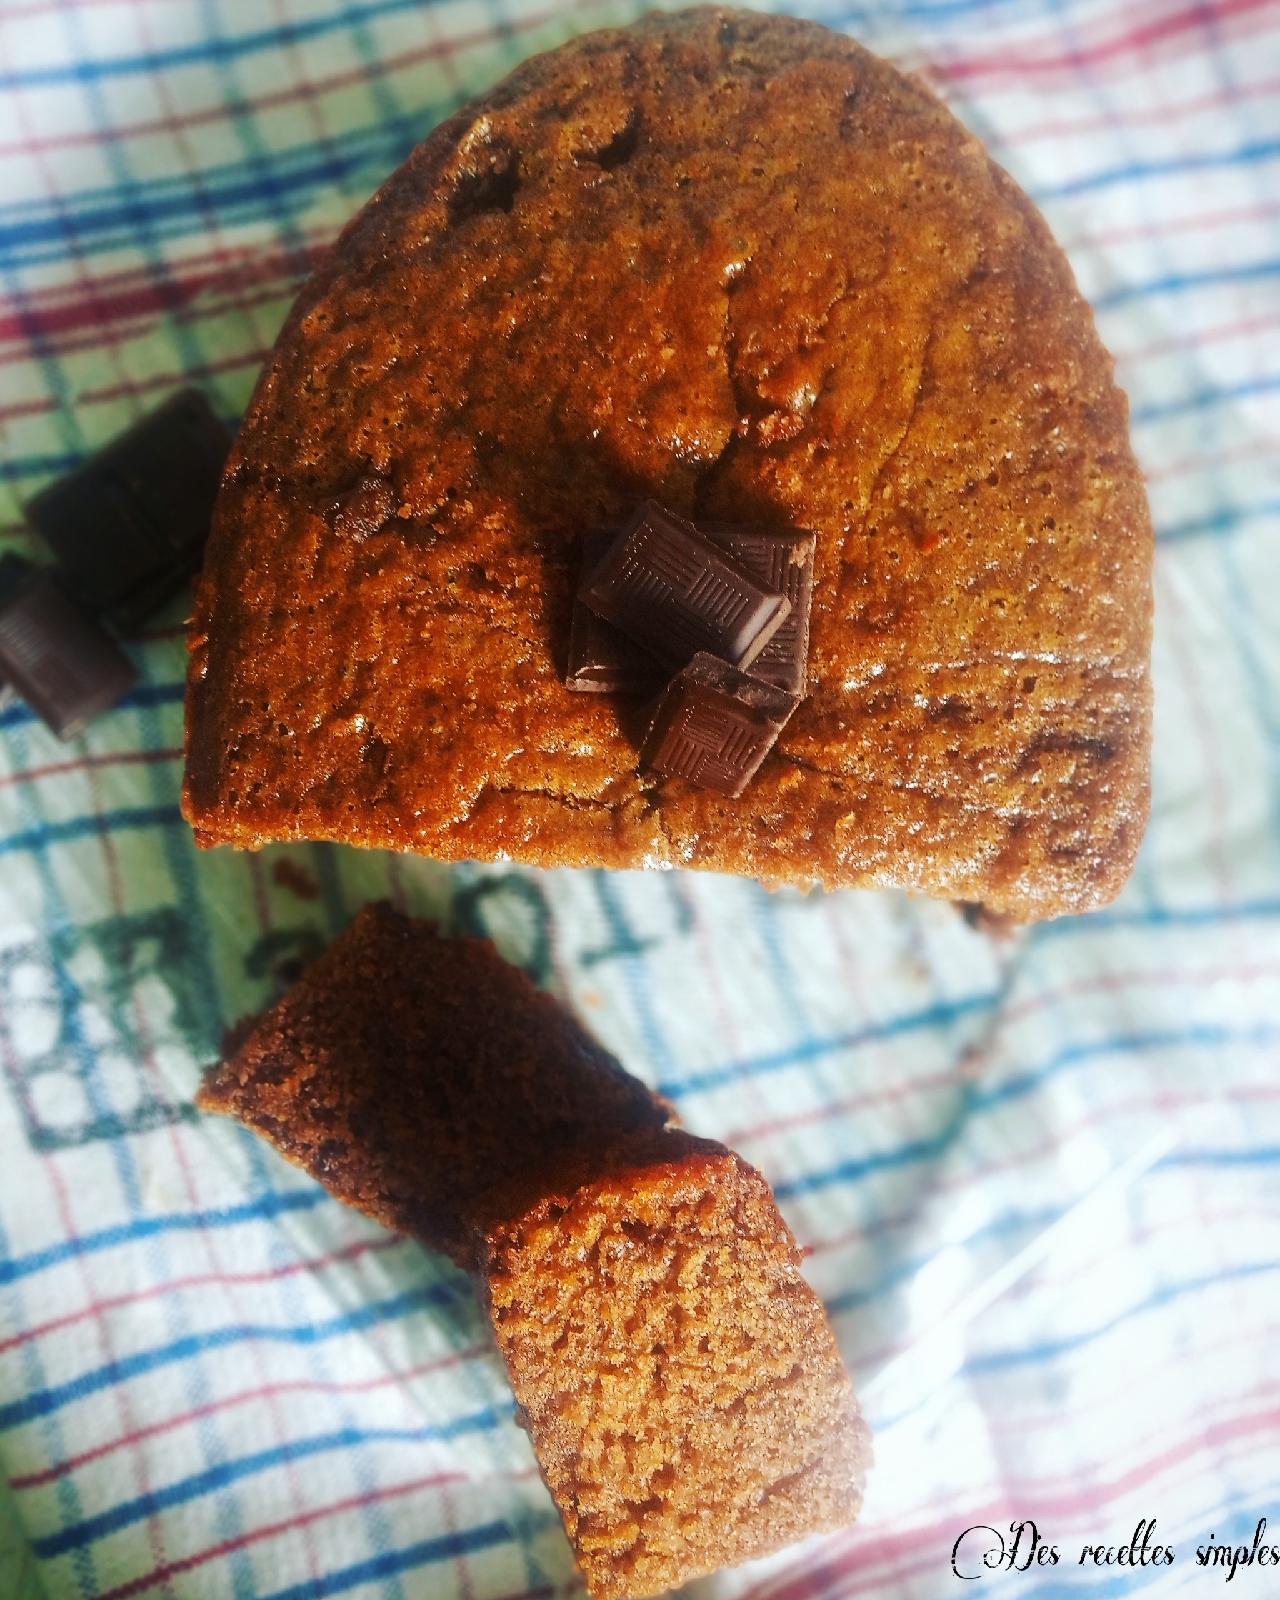 https://www.desrecettessimples-lacuisinedesandy.fr/2020/07/gateau-au-yaourt-et-aux-chocolats.html